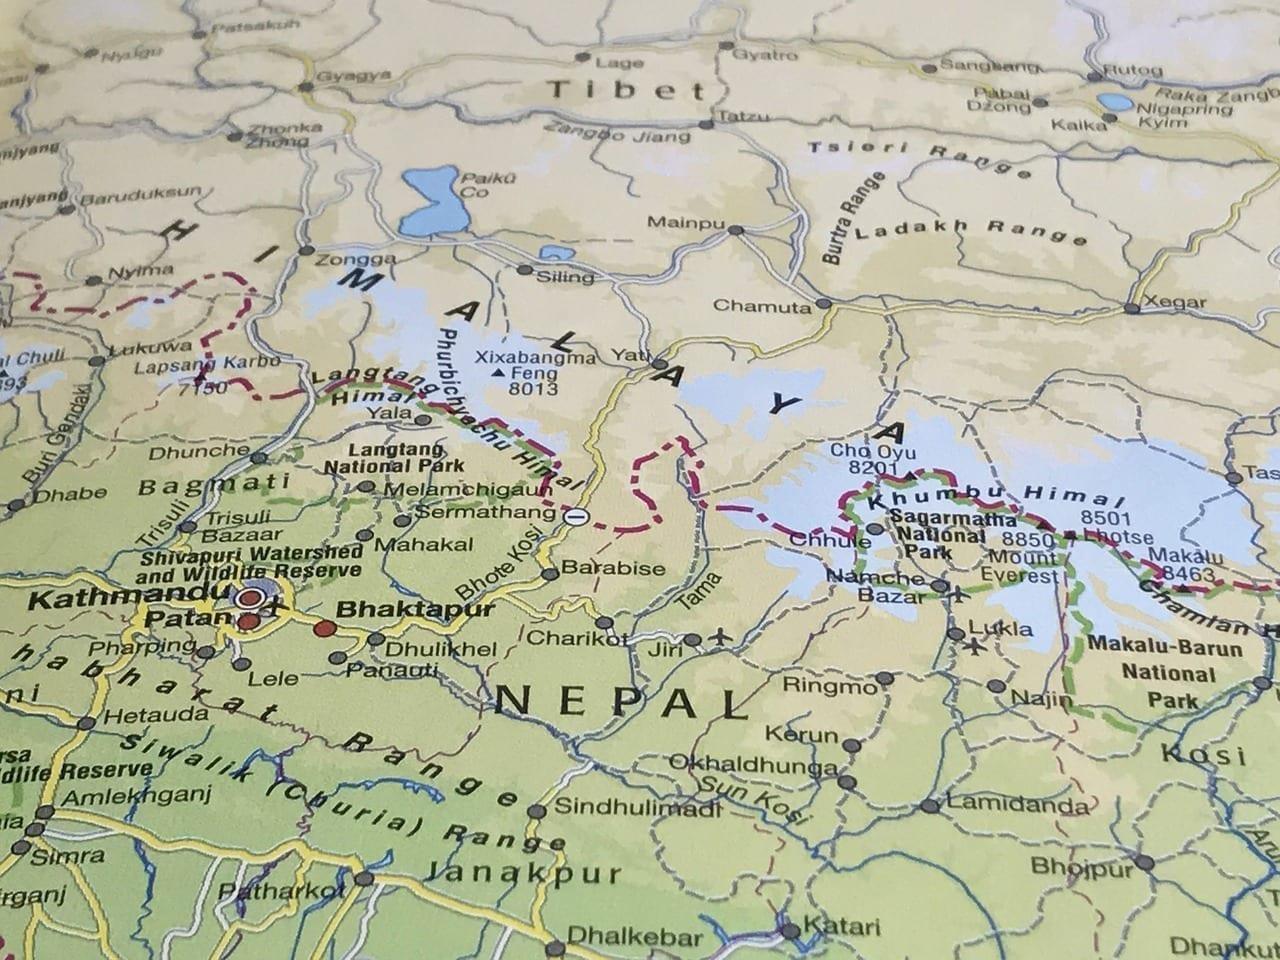 Mapa Himalaya Tíbet China